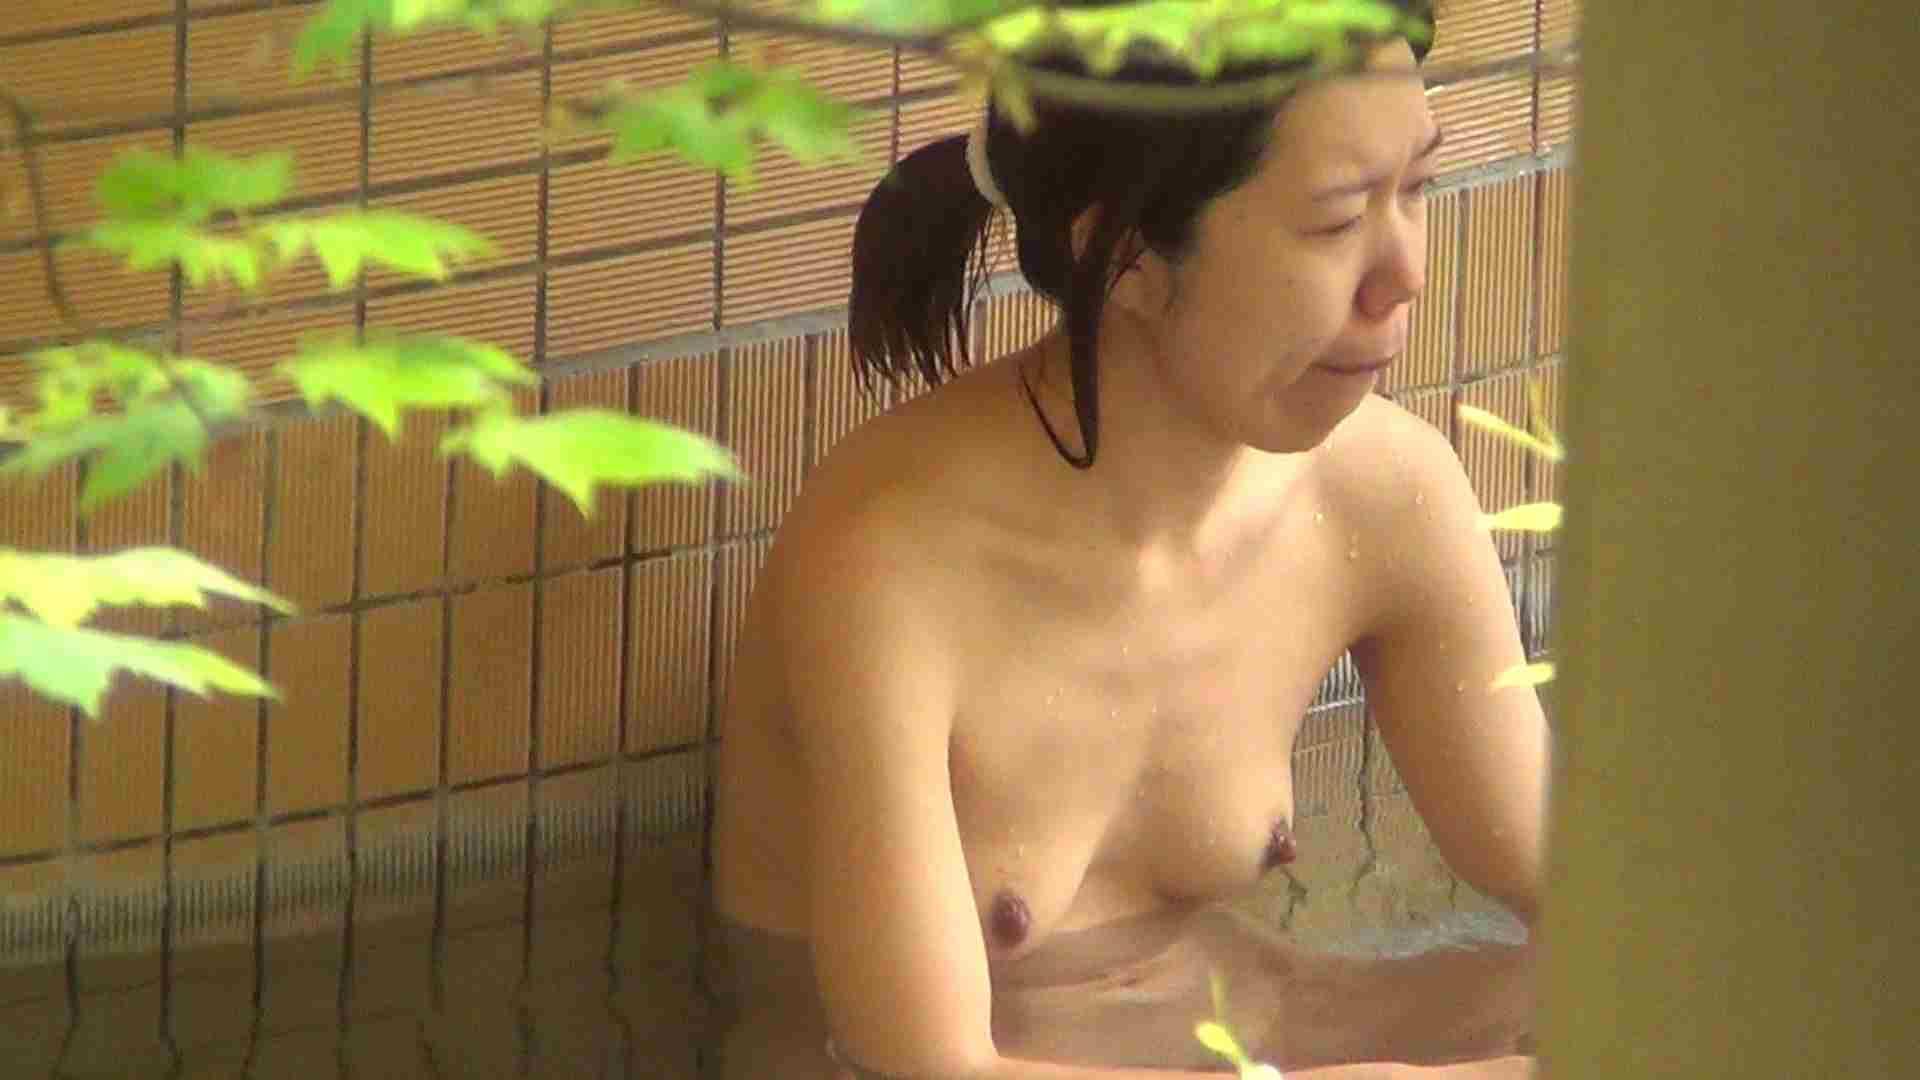 Aquaな露天風呂Vol.247 盗撮  106画像 30